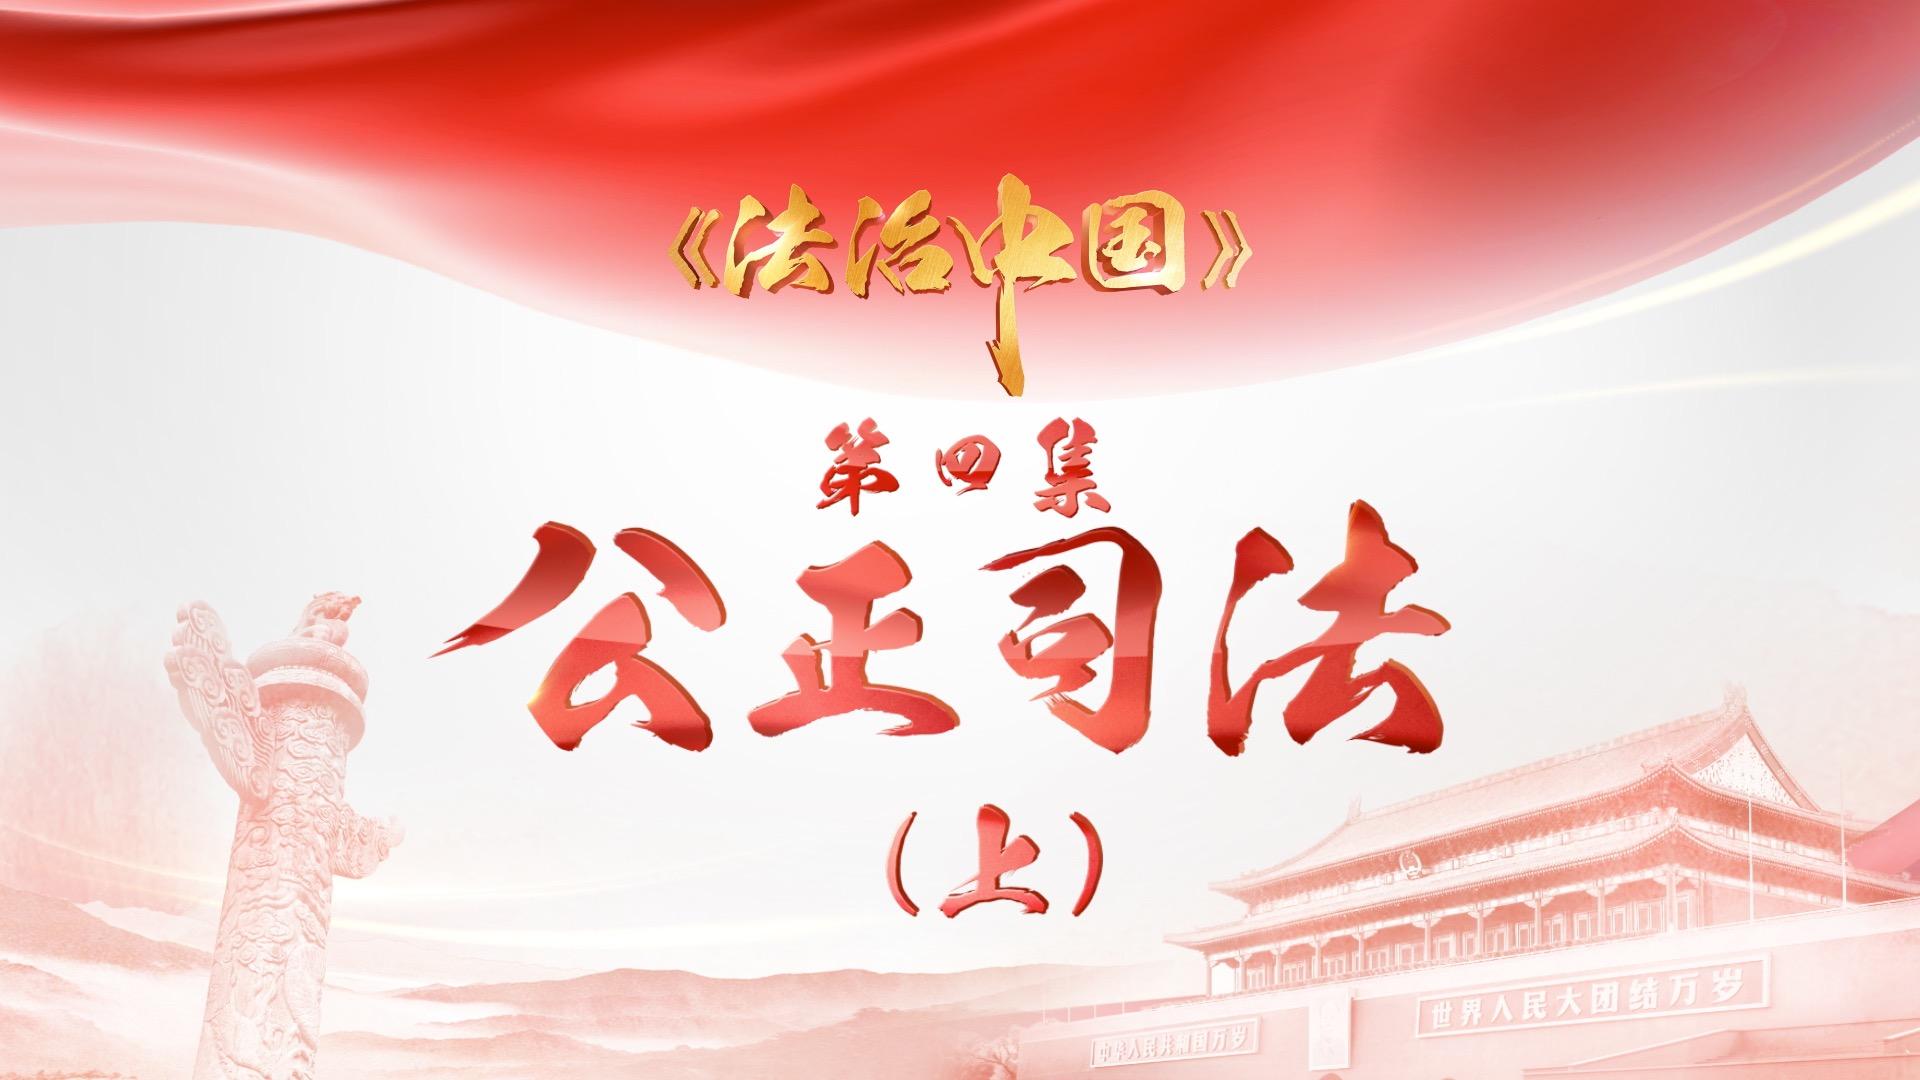 4分鐘速覽《法治中國》第四集《公正司法》(上)